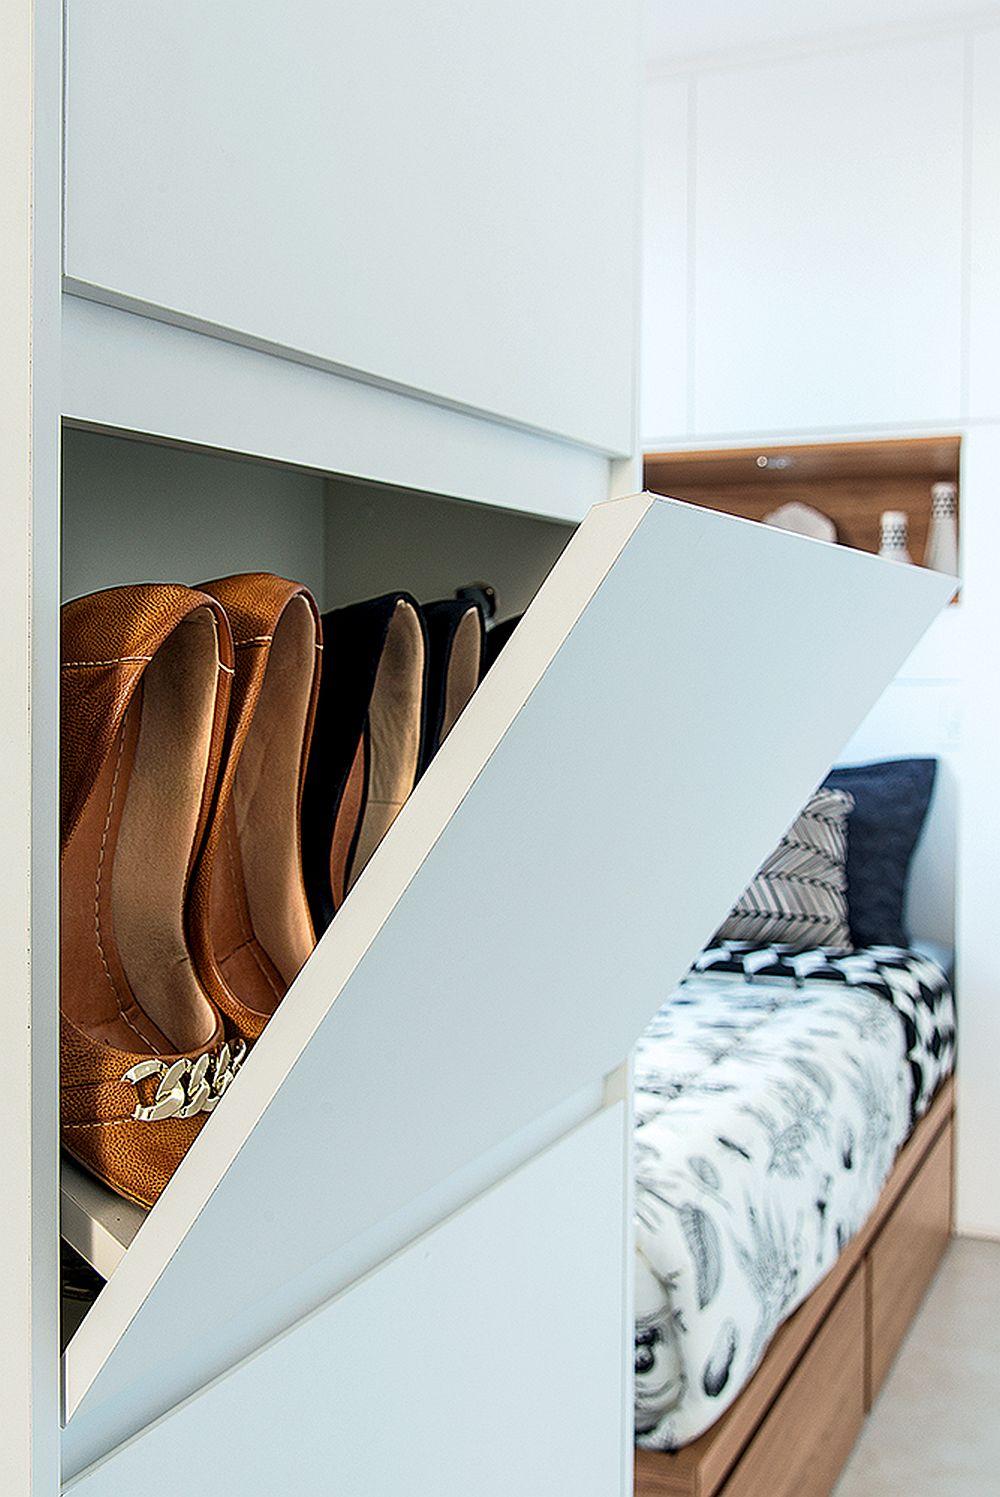 Către dormitor, în ansamblul de mobilier cu rol de cuier se află și pantofarul. Totul este bine organizat în acest spațiu mic. Evident toată mobila a fost realizată pe comandă după proiectul arhitectei.